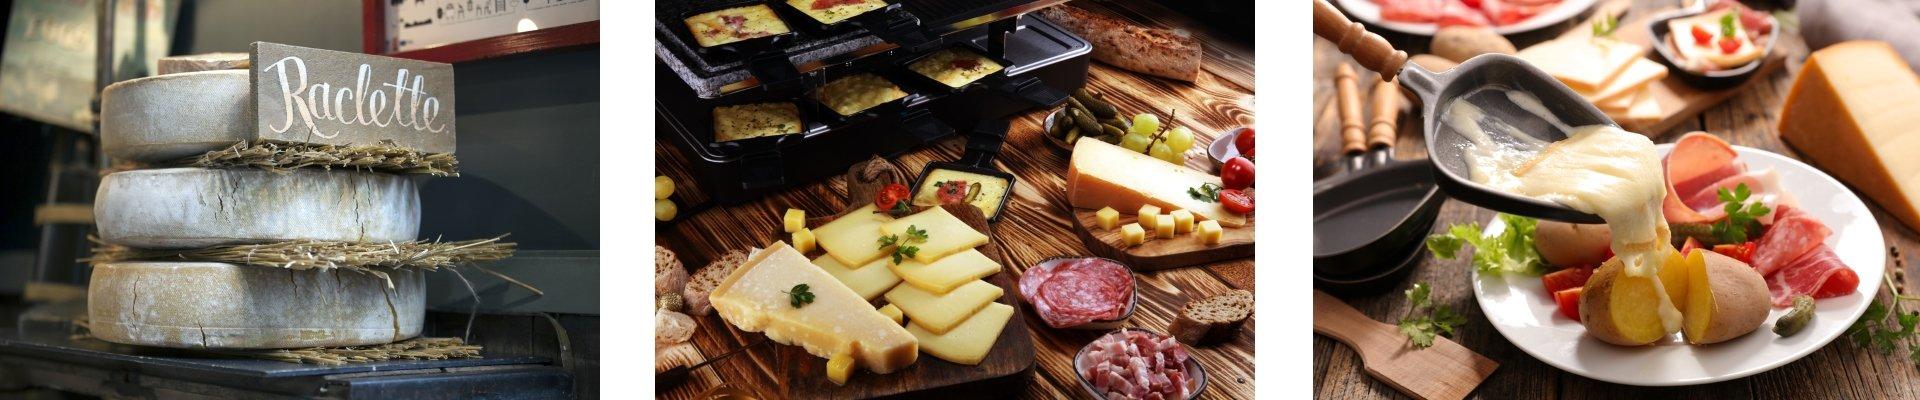 come fare formaggio raclette